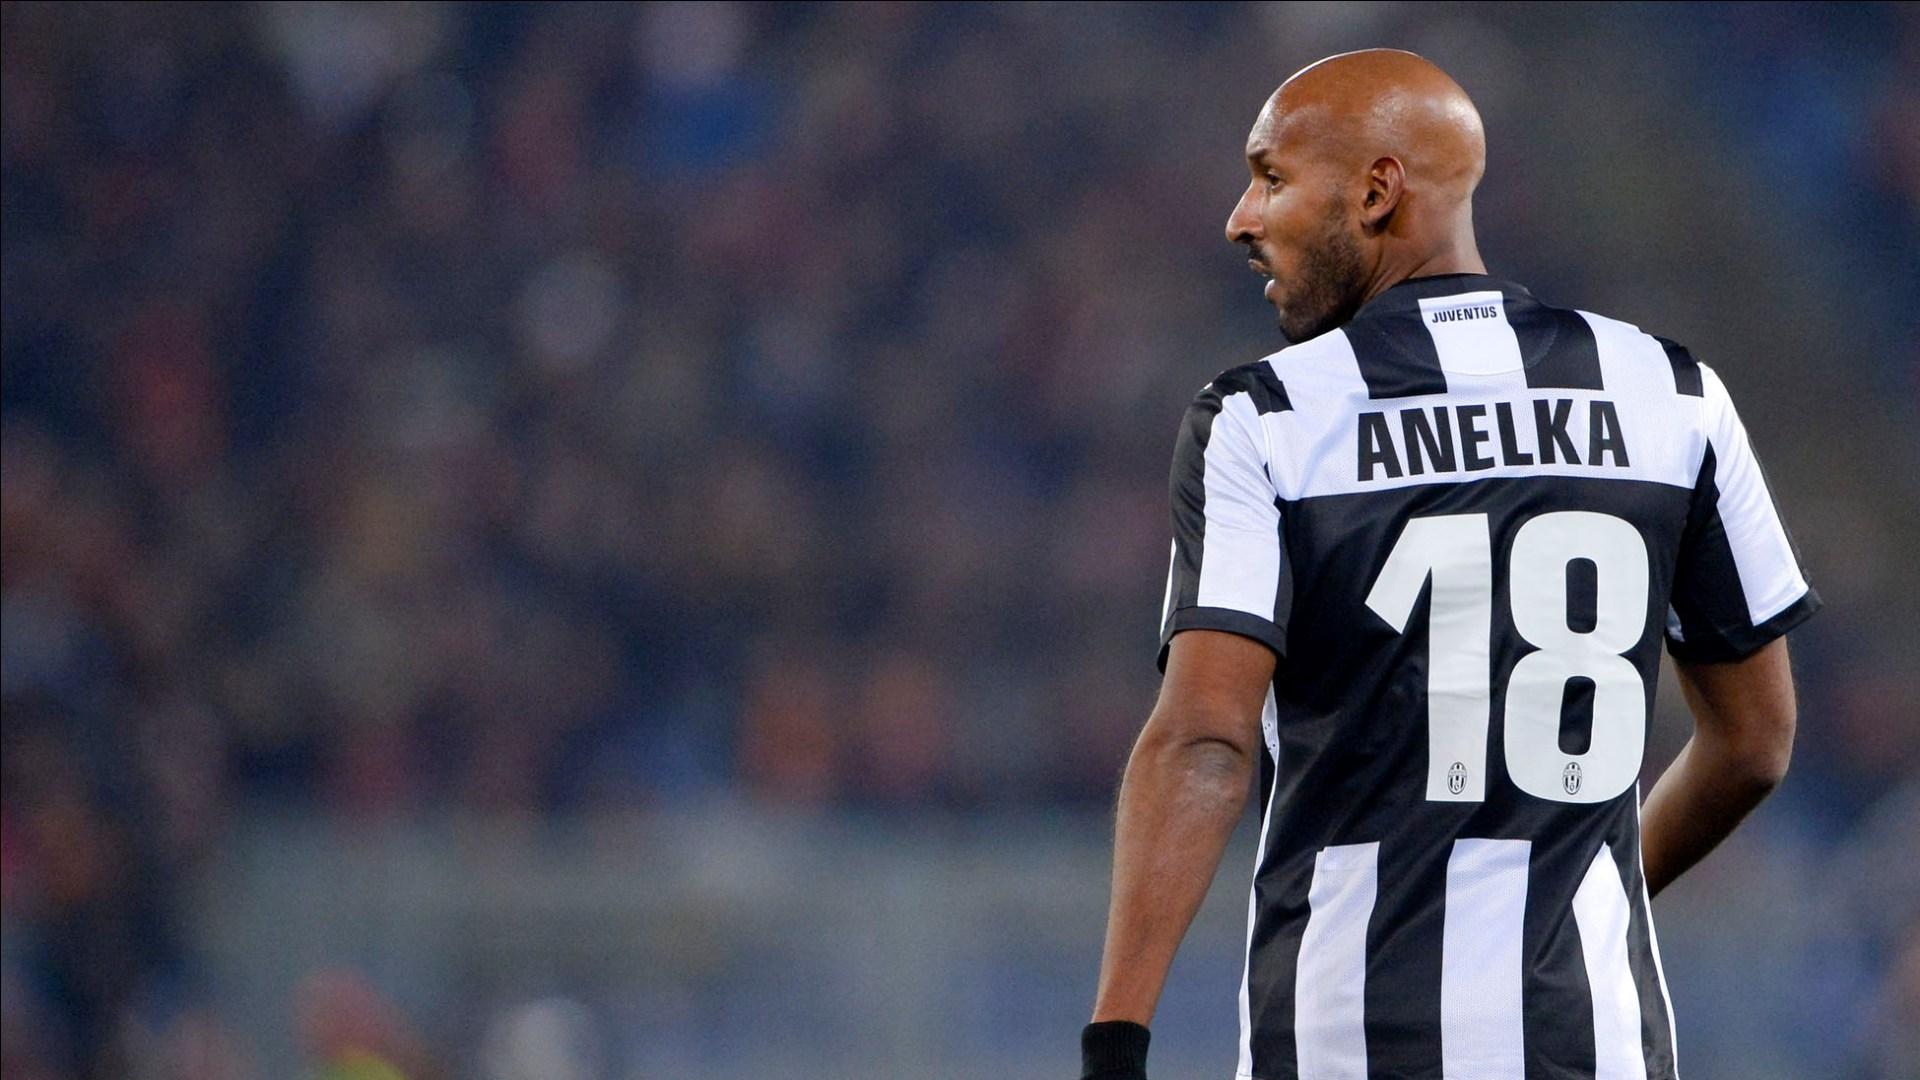 Anelka-Juventus